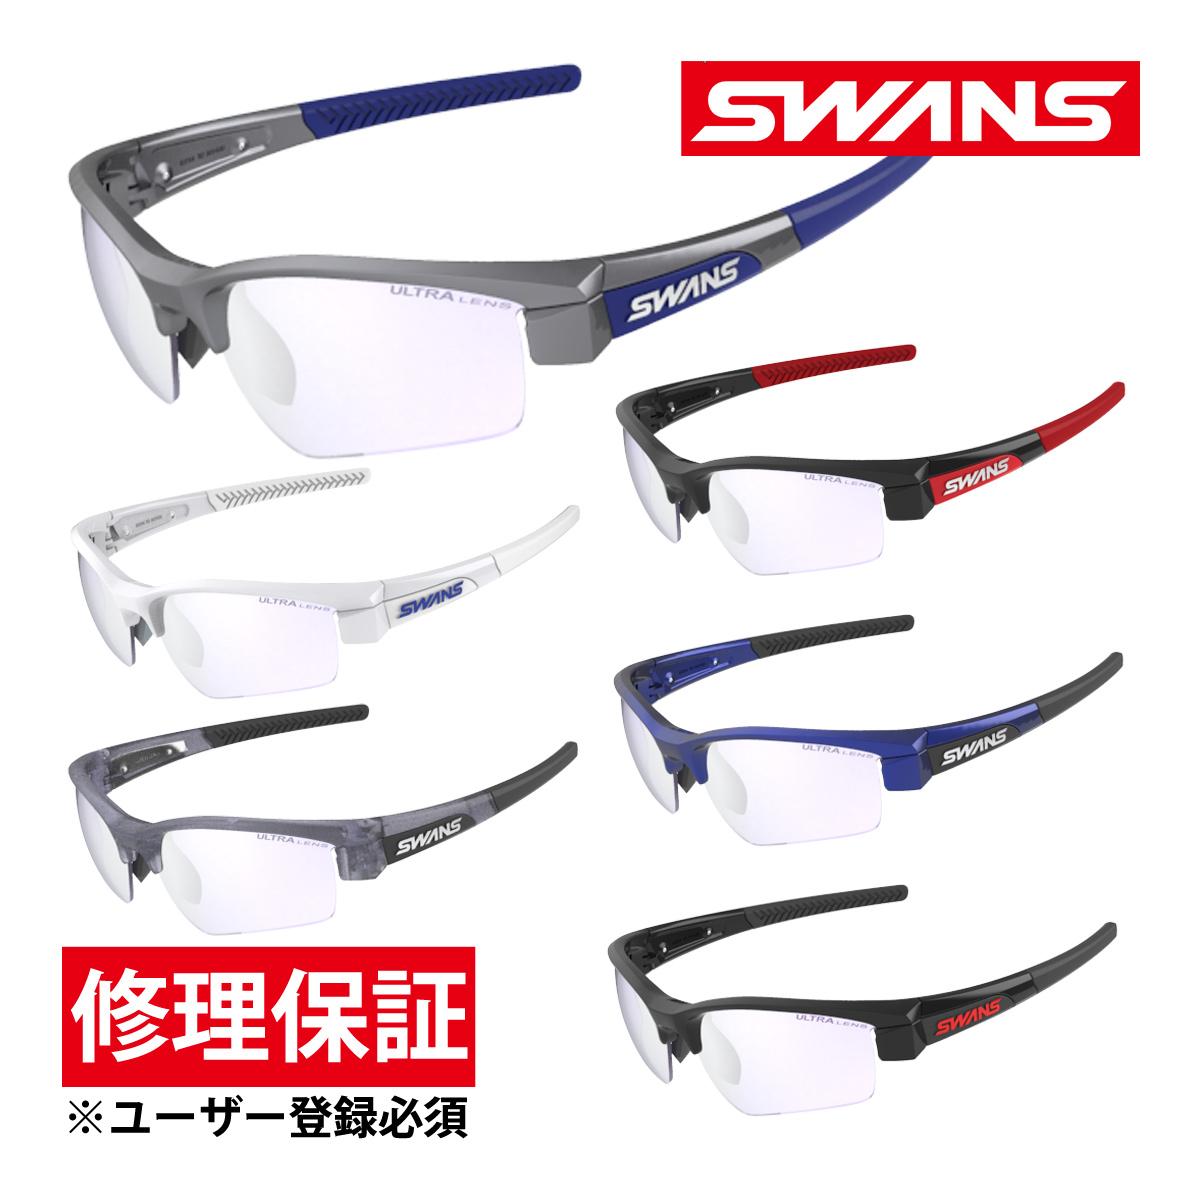 サングラス ミラーレンズ メンズ レディース シルバーミラー×ULライトアイスブルー ドライブ ゴルフ スポーツ LION SIN フレーム+L-LI SIN-0715 LICBL ウルトラレンズ おすすめ 人気 SWANS スワンズ